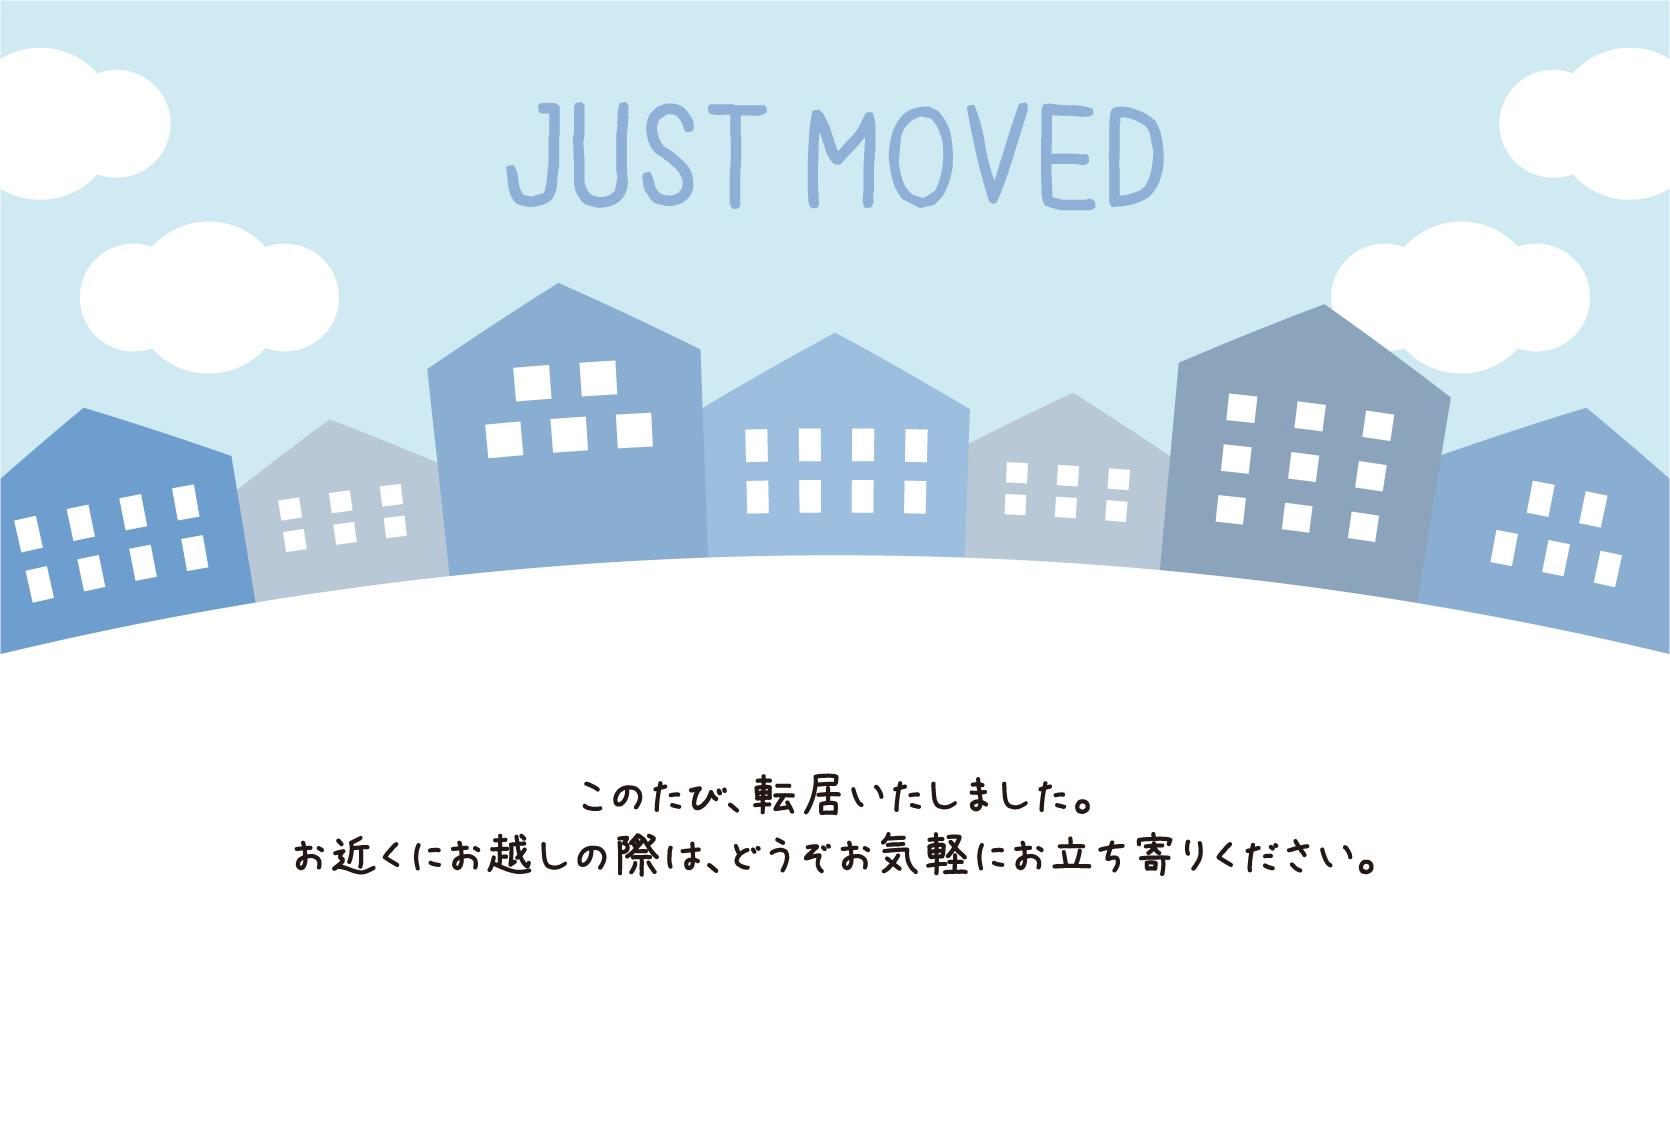 銀座カラー表参道移転